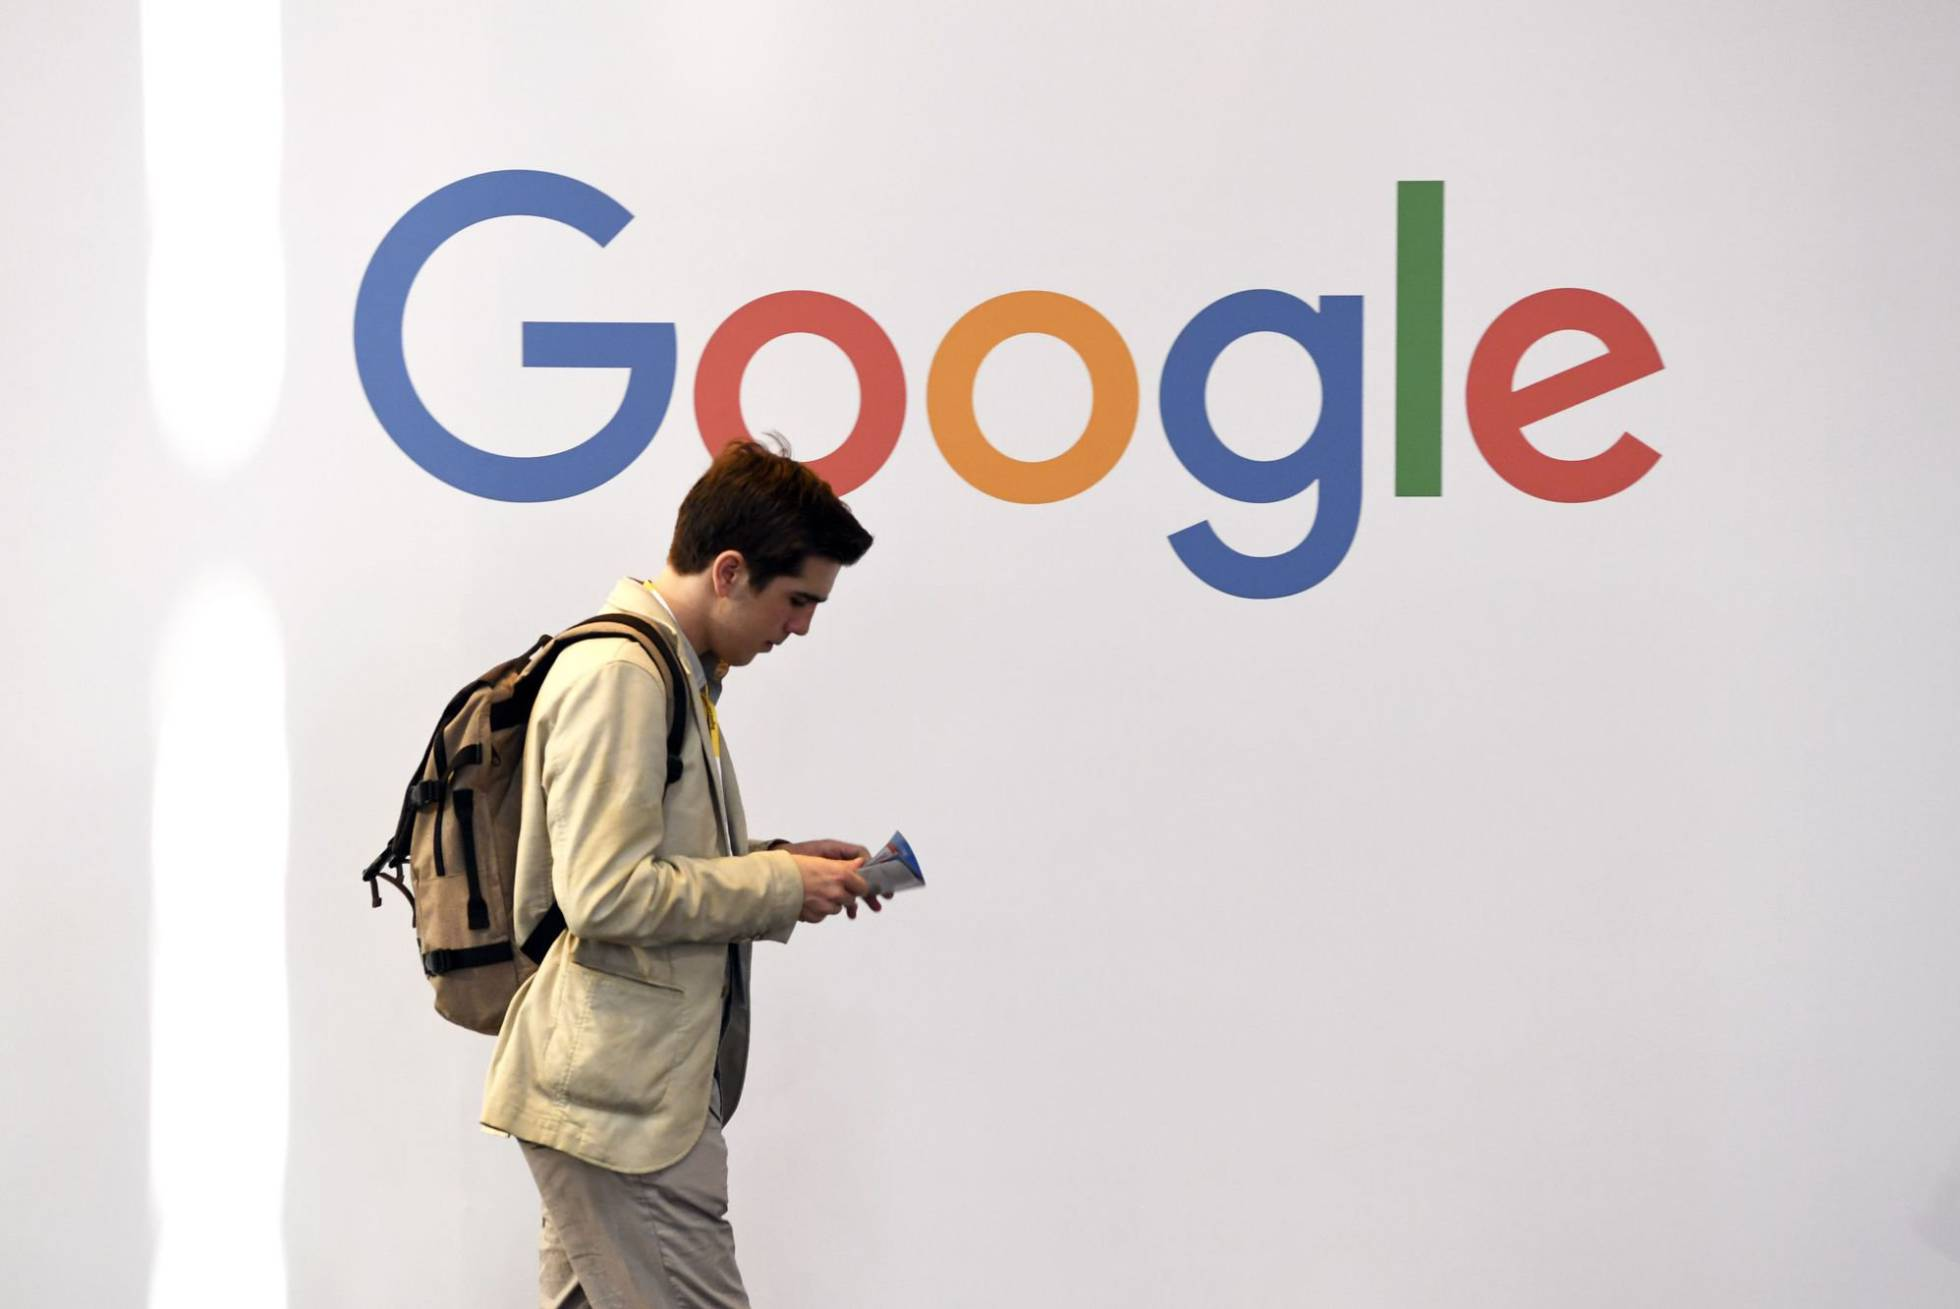 google-09.jpg